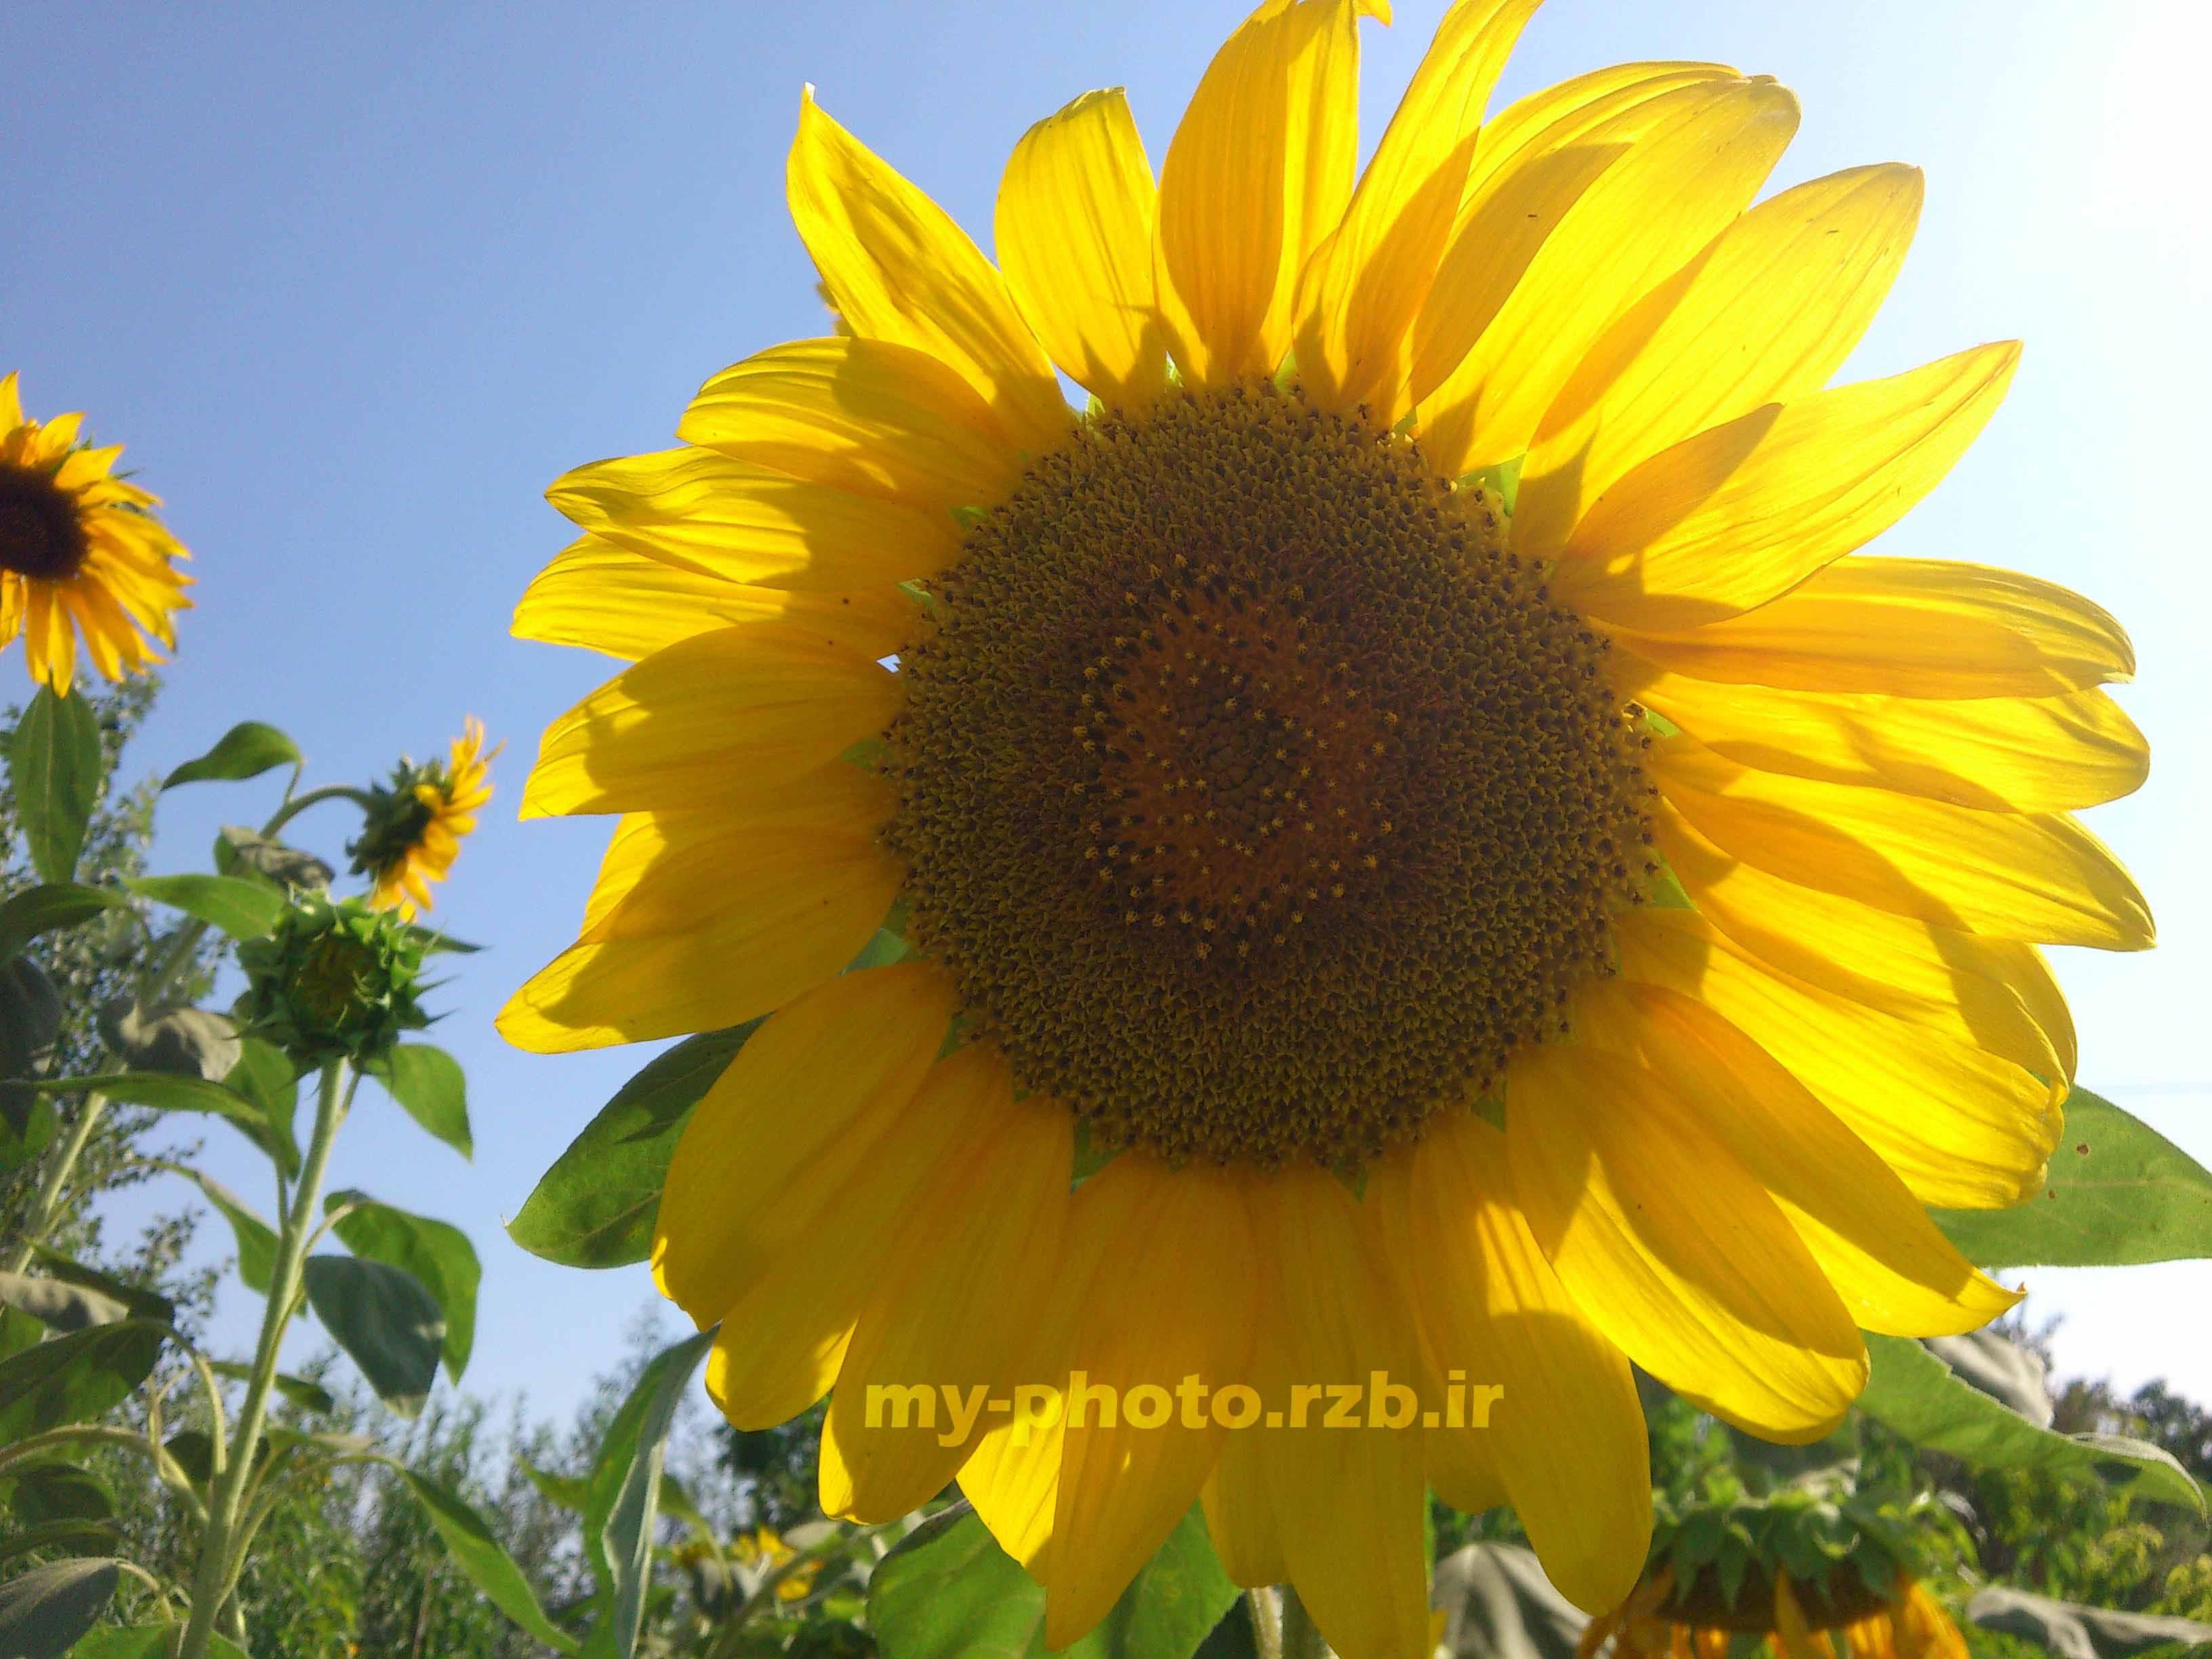 عکس4:«گل آفتابگردان»